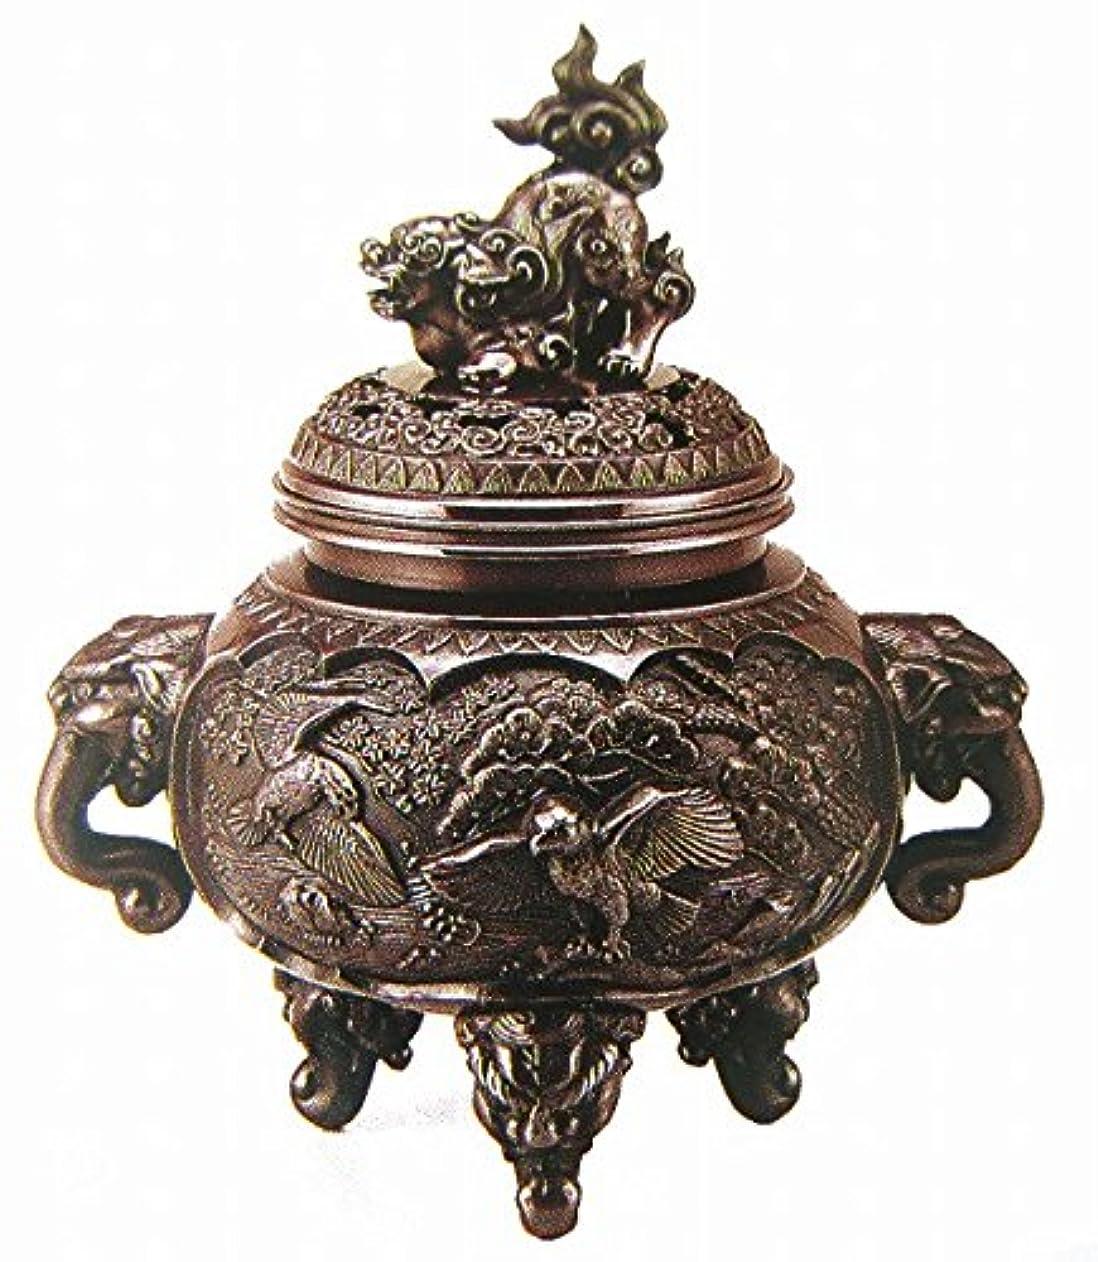 外出スチュワード適性『新特大花鳥香炉』銅製